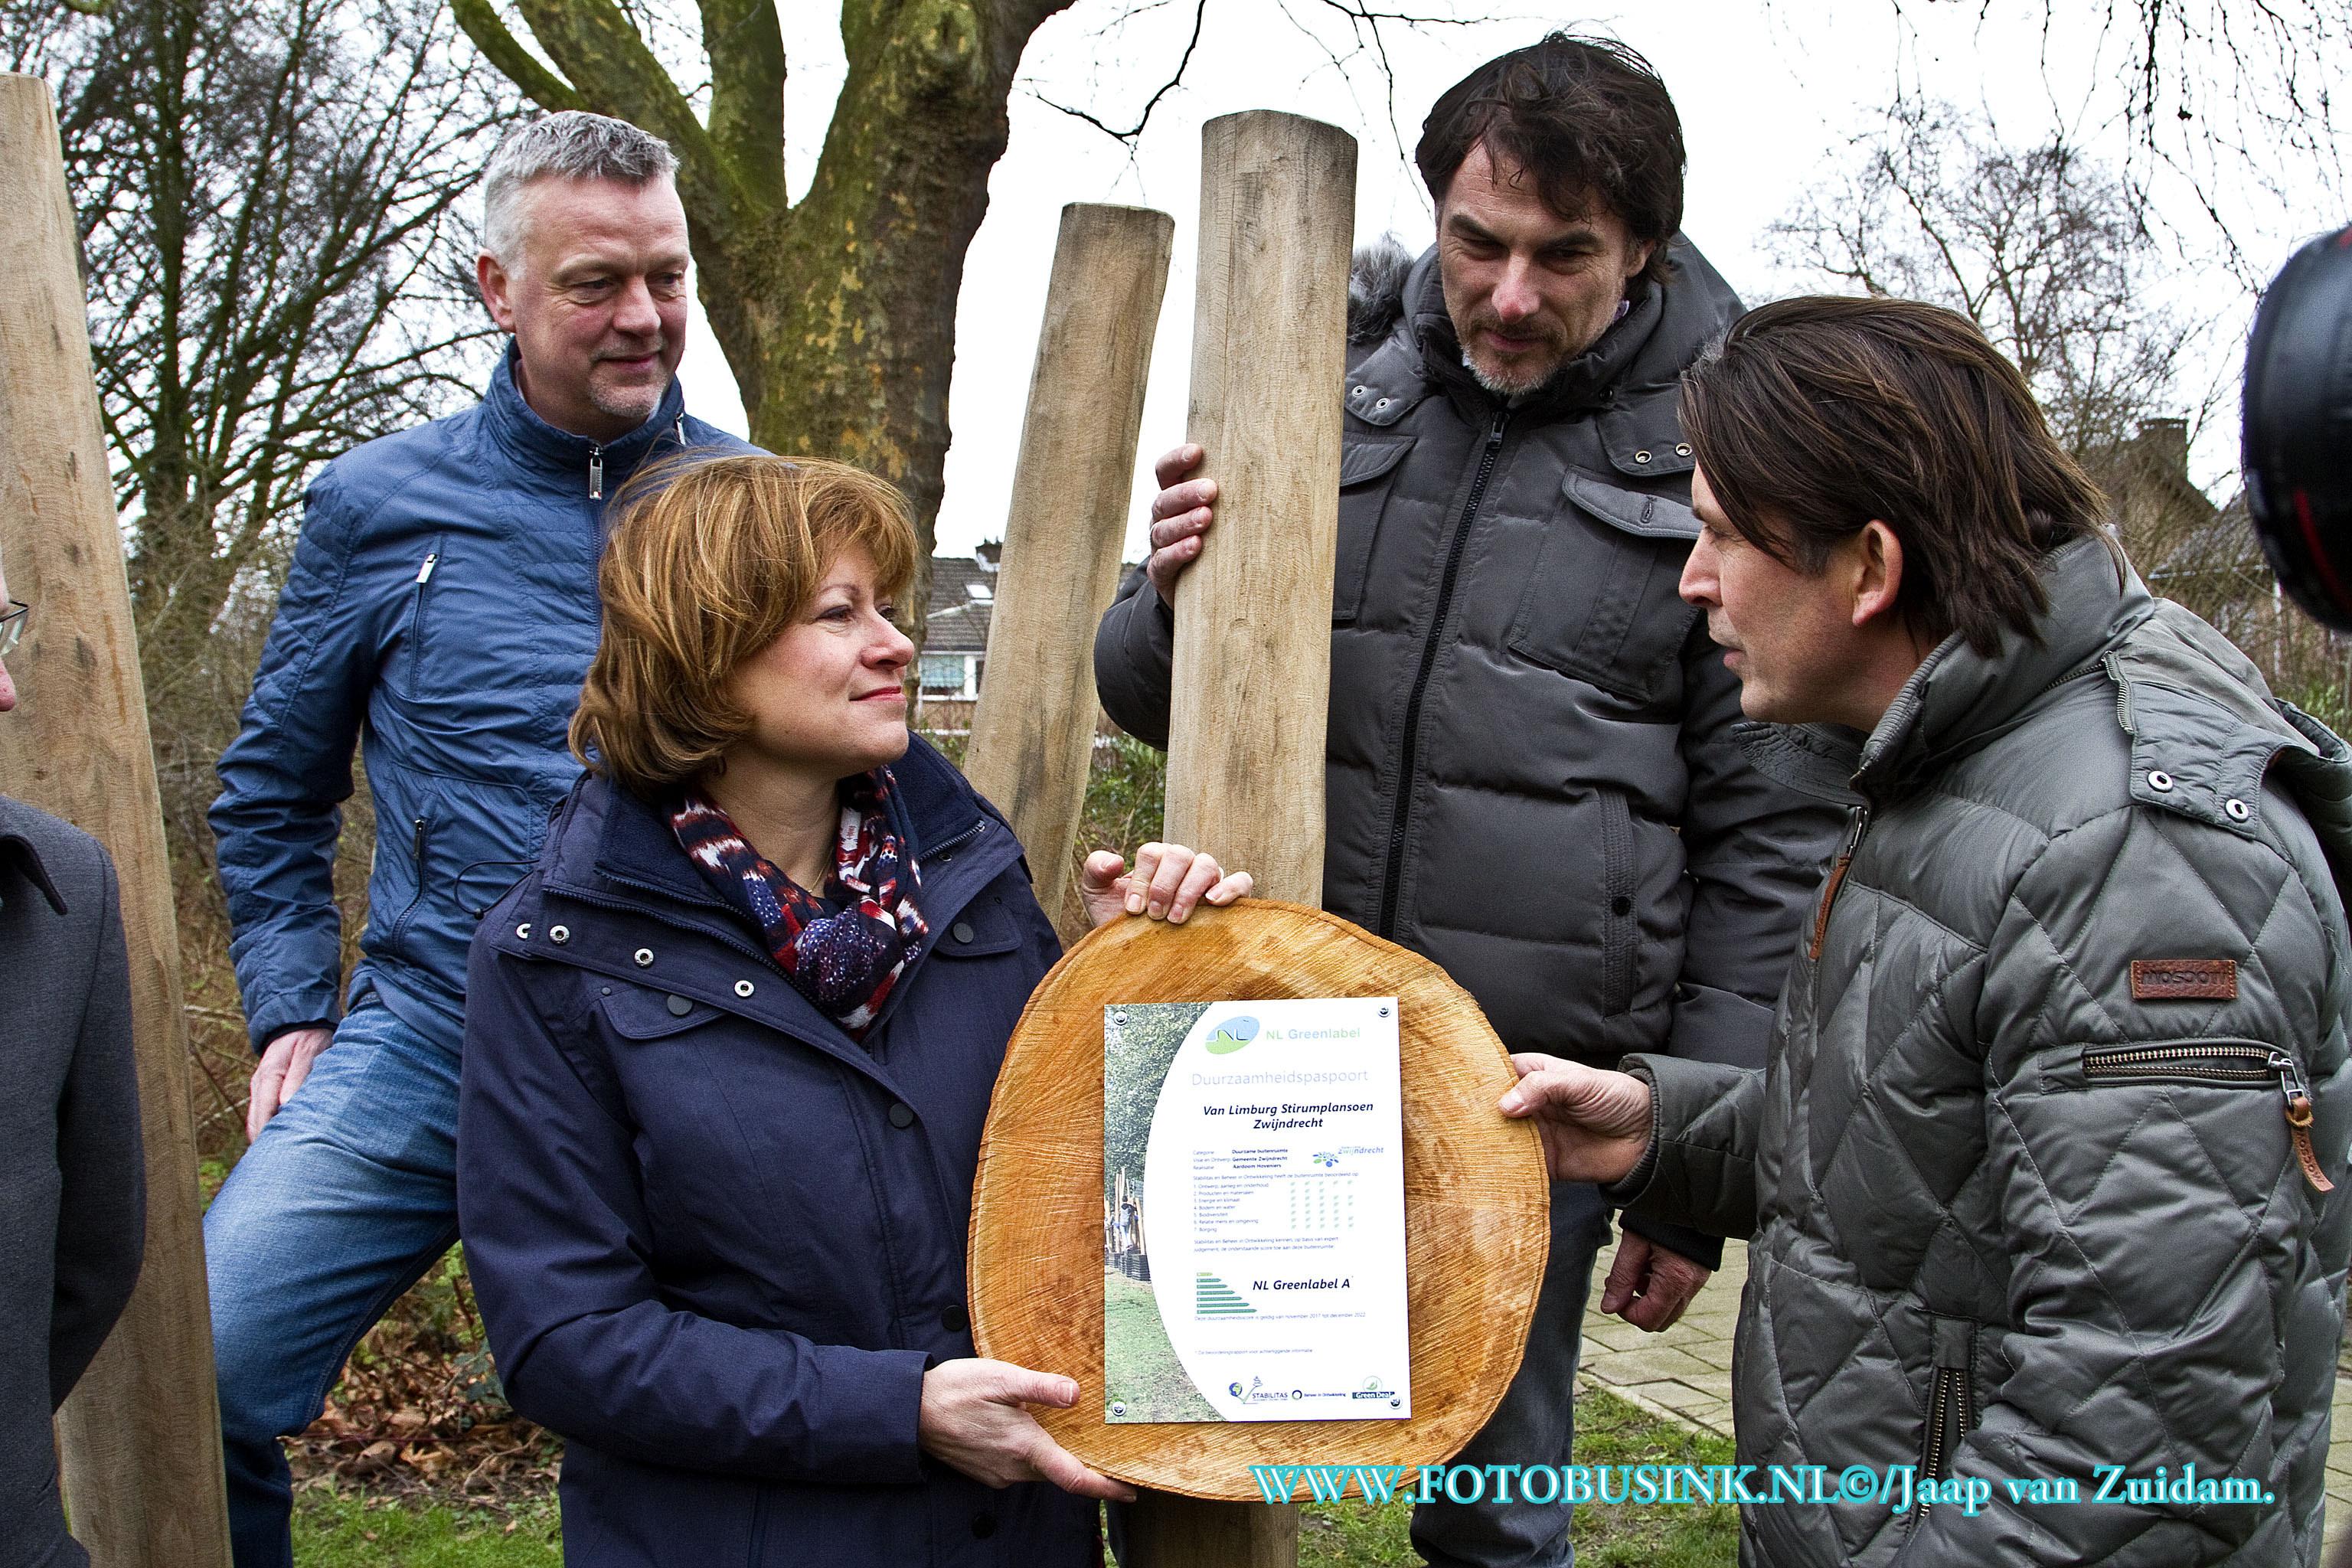 Gemeente Zwijndrecht ontvangt NL Greenlabel A voor speeltuin uit handen van Lodewijk Hoekstra.